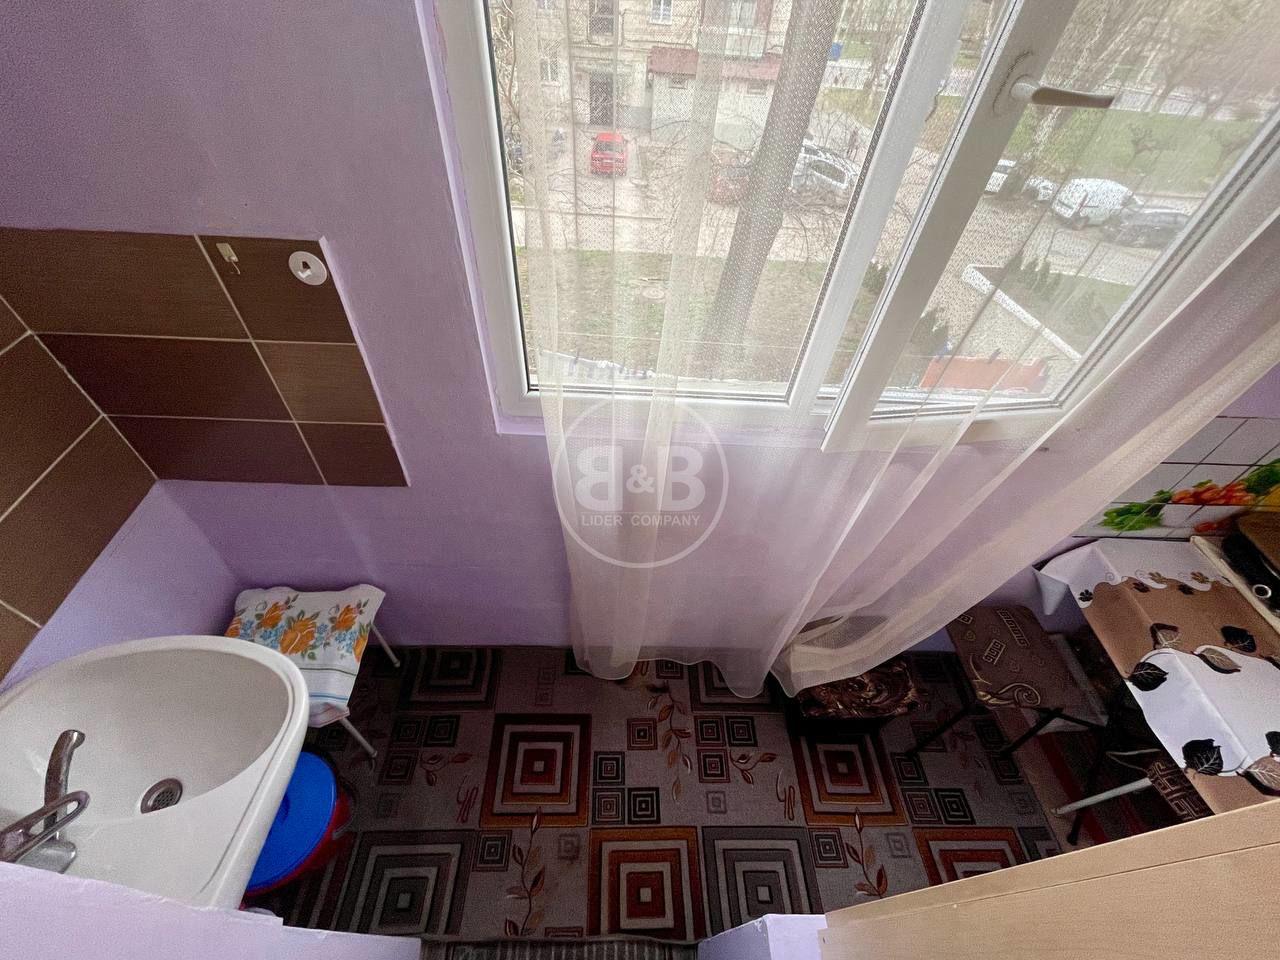 Botanica! Cameră cu comoditățile proprii 18 m2!